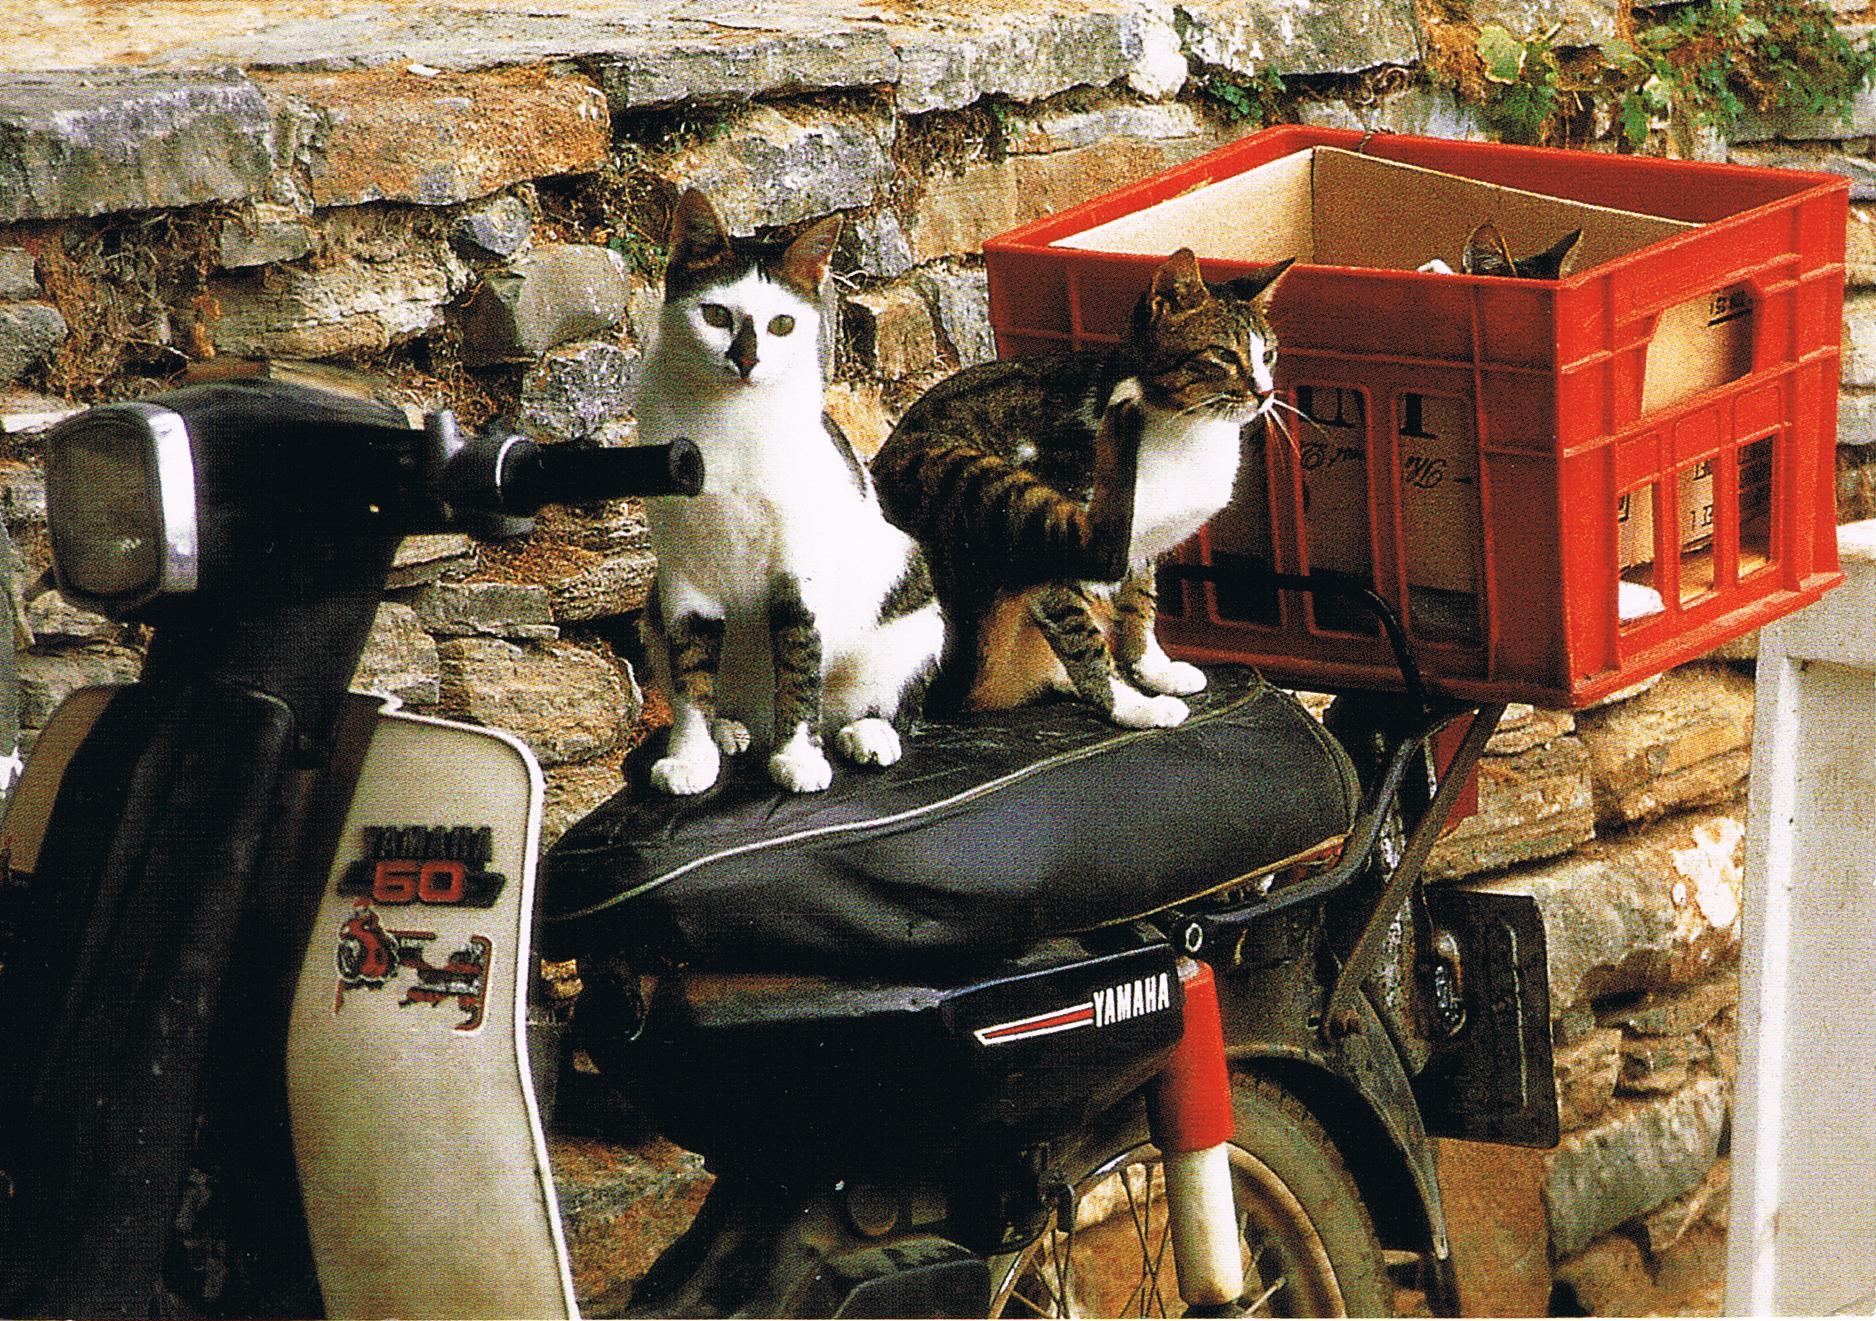 Katze auf einem Motorroller